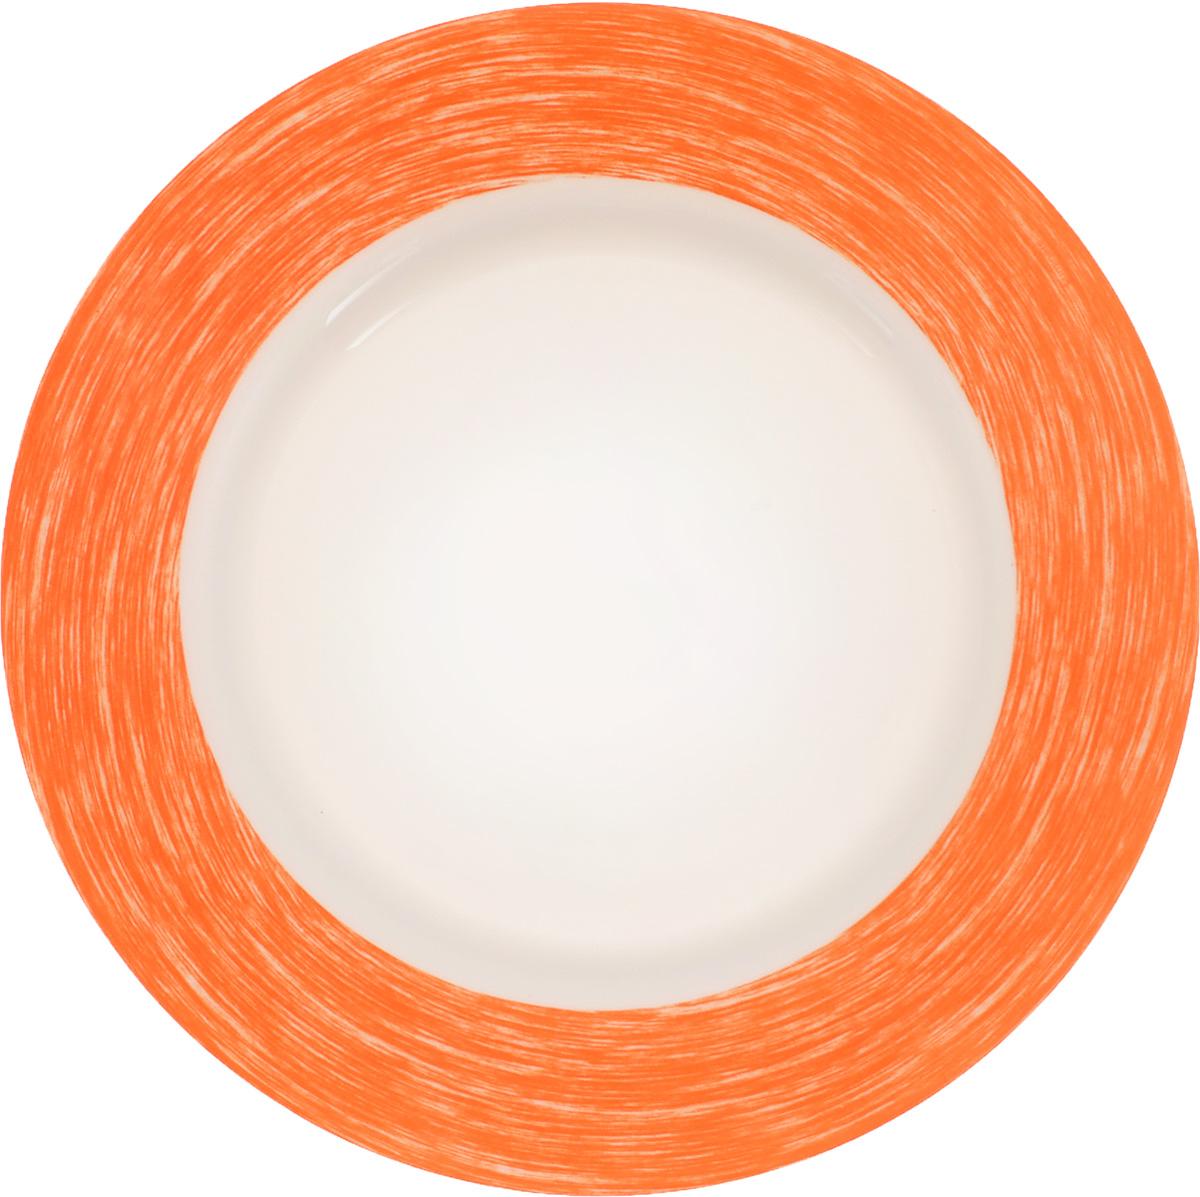 Тарелка Luminarc Color Days, цвет: белый, оранжевый, диаметр 24 смL1512Тарелка Luminarc Color Days, изготовленная из ударопрочного стекла, декорирована оригинальным изображением. Такая тарелка прекрасно подходит как для торжественных случаев, так и для повседневного использования. Идеальна для подачи десертов, пирожных, тортов и многого другого. Она прекрасно оформит стол и станет отличным дополнением к вашей коллекции кухонной посуды. Диаметр тарелки (по верхнему краю): 24 см. Высота тарелки: 3 см.